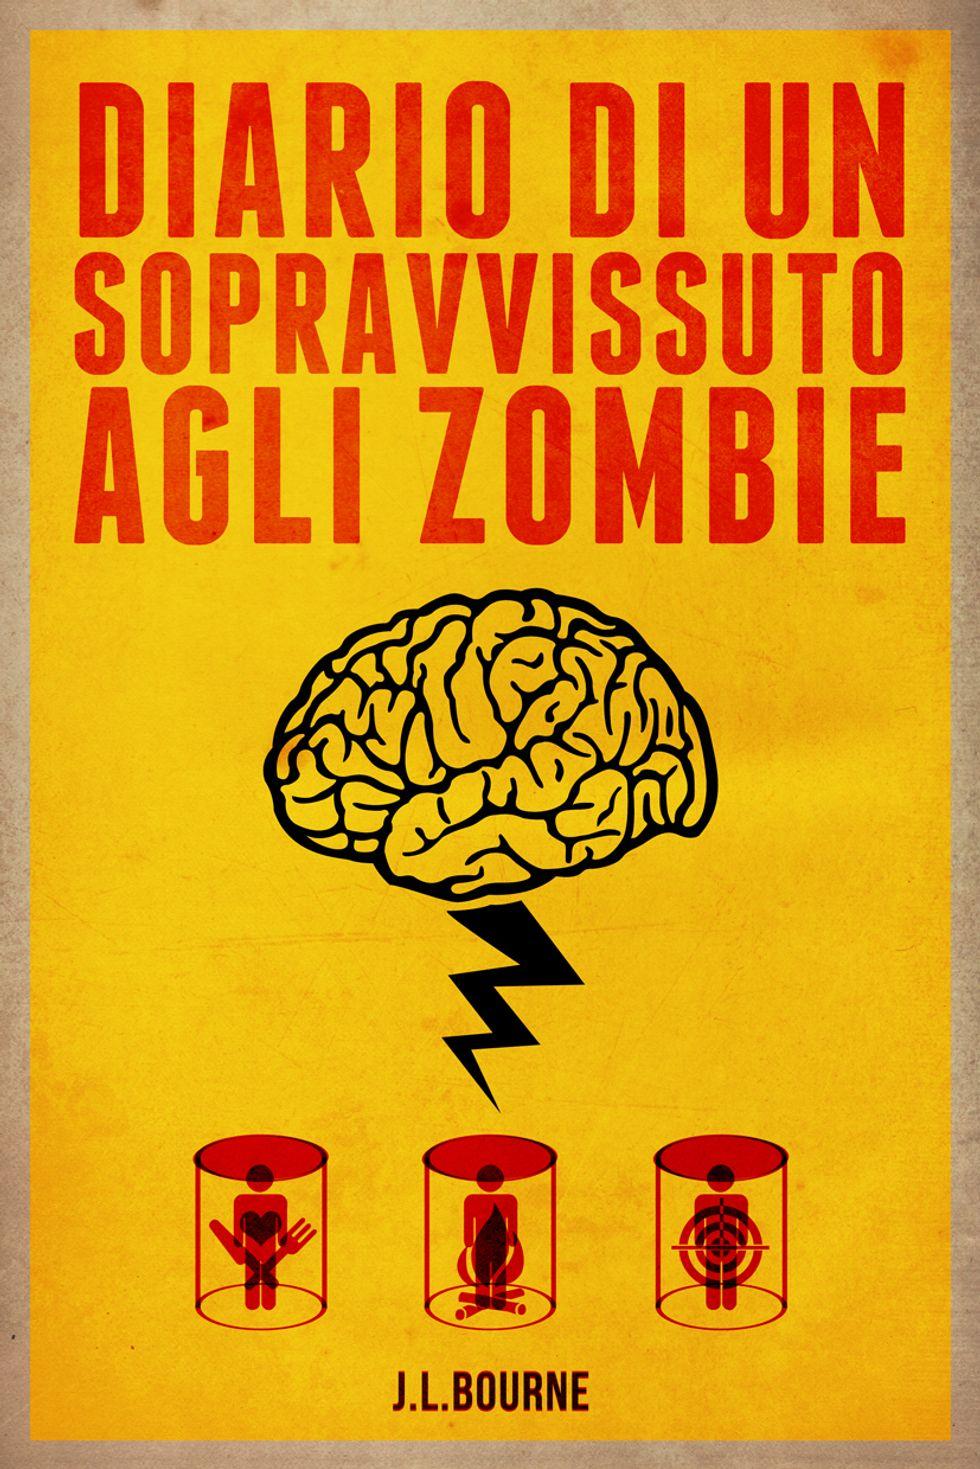 Diario di un sopravvissuto agli zombie. E l'horror diventa quotidiano